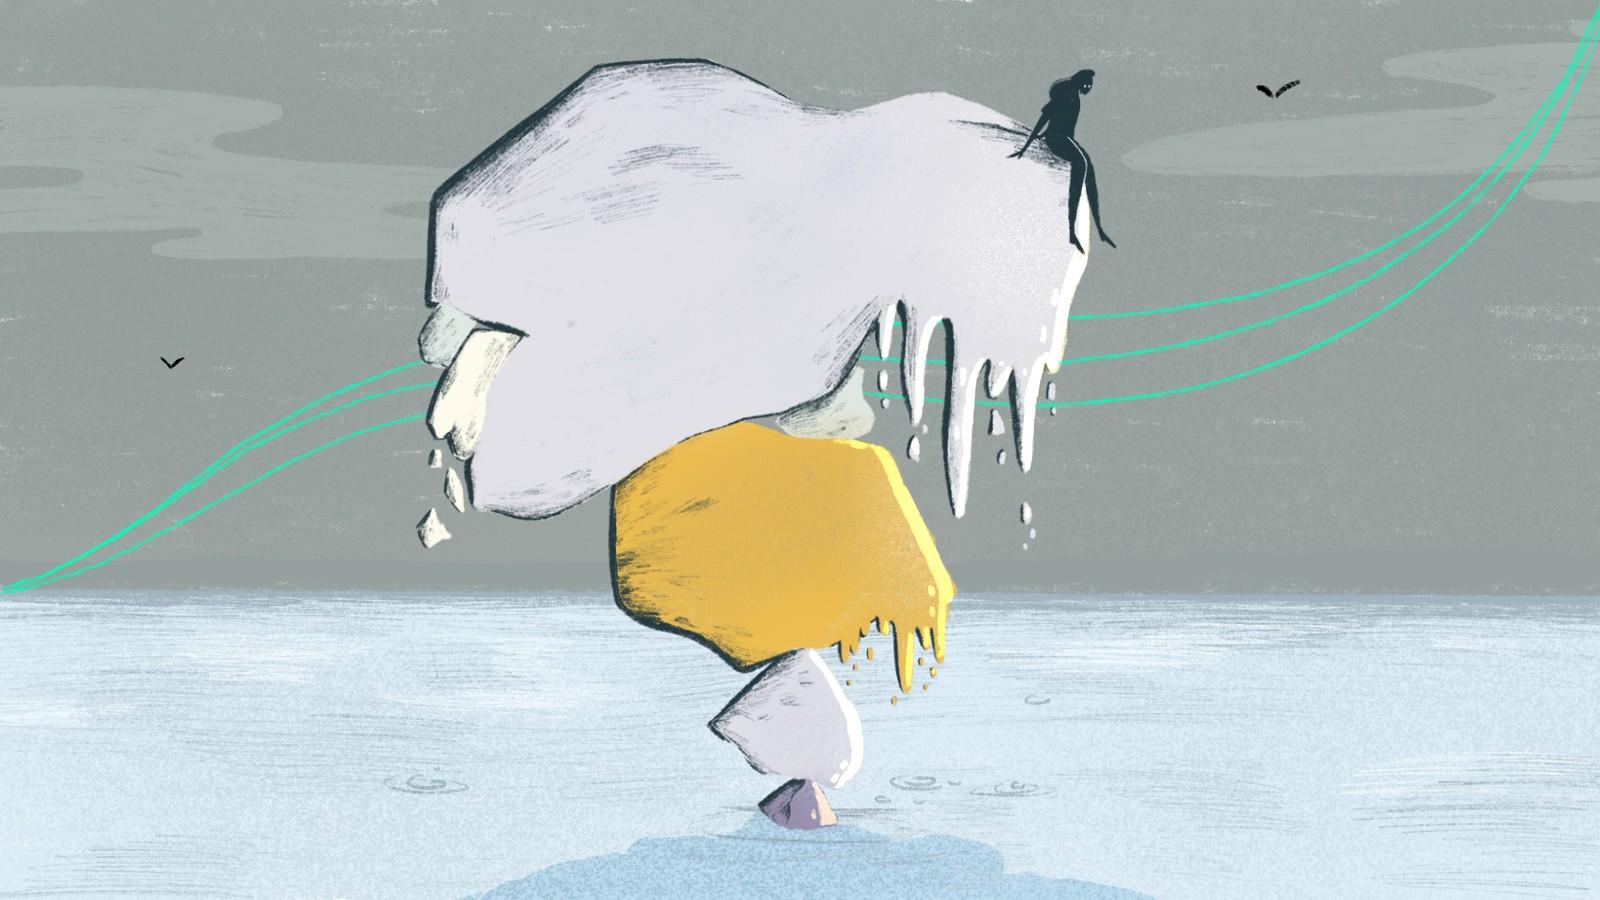 Wanneer bereiken we het punt dat de ijskappen onomkeerbaar smelten?